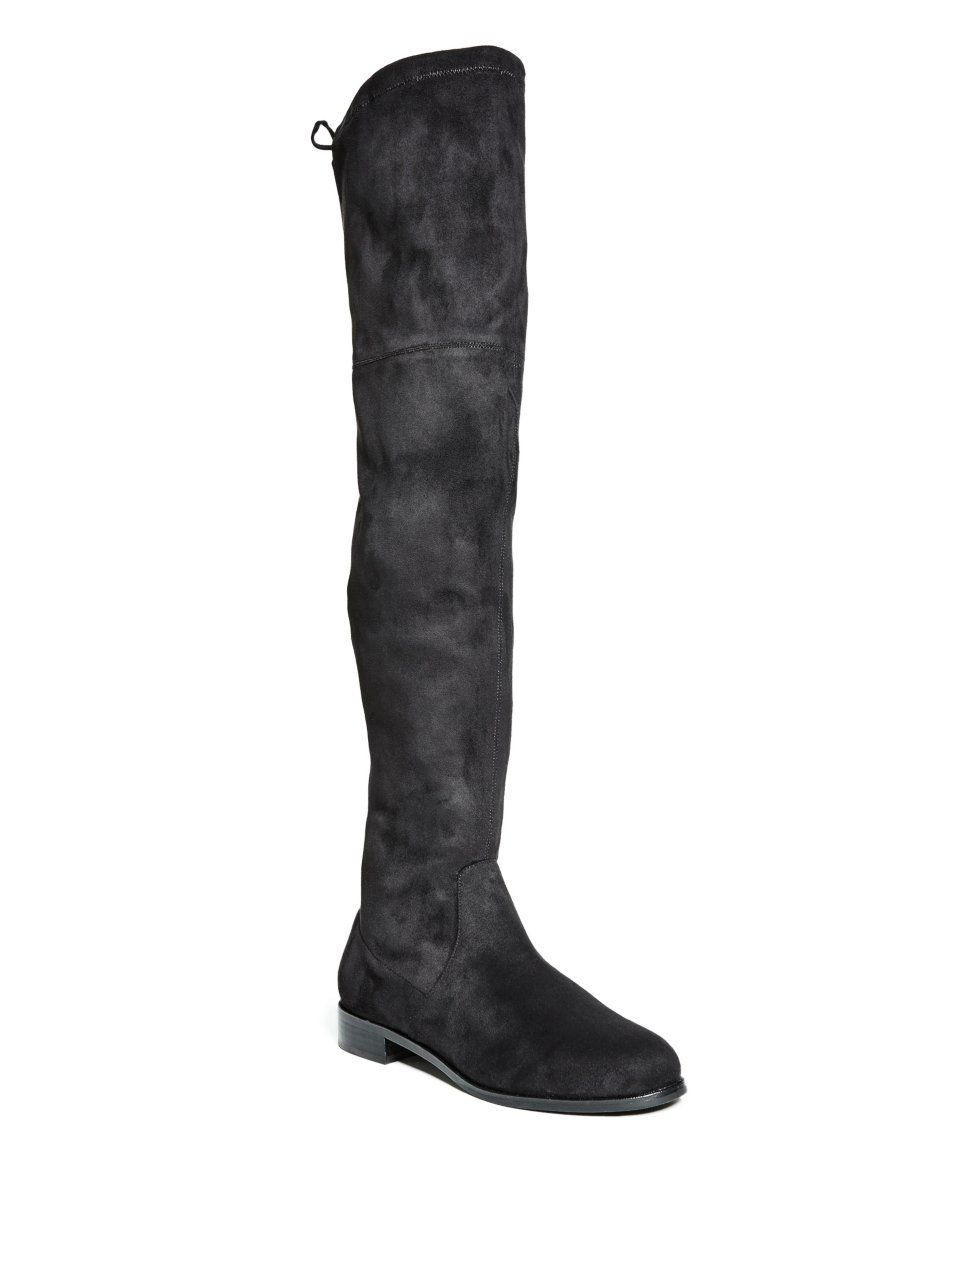 Kara Boot